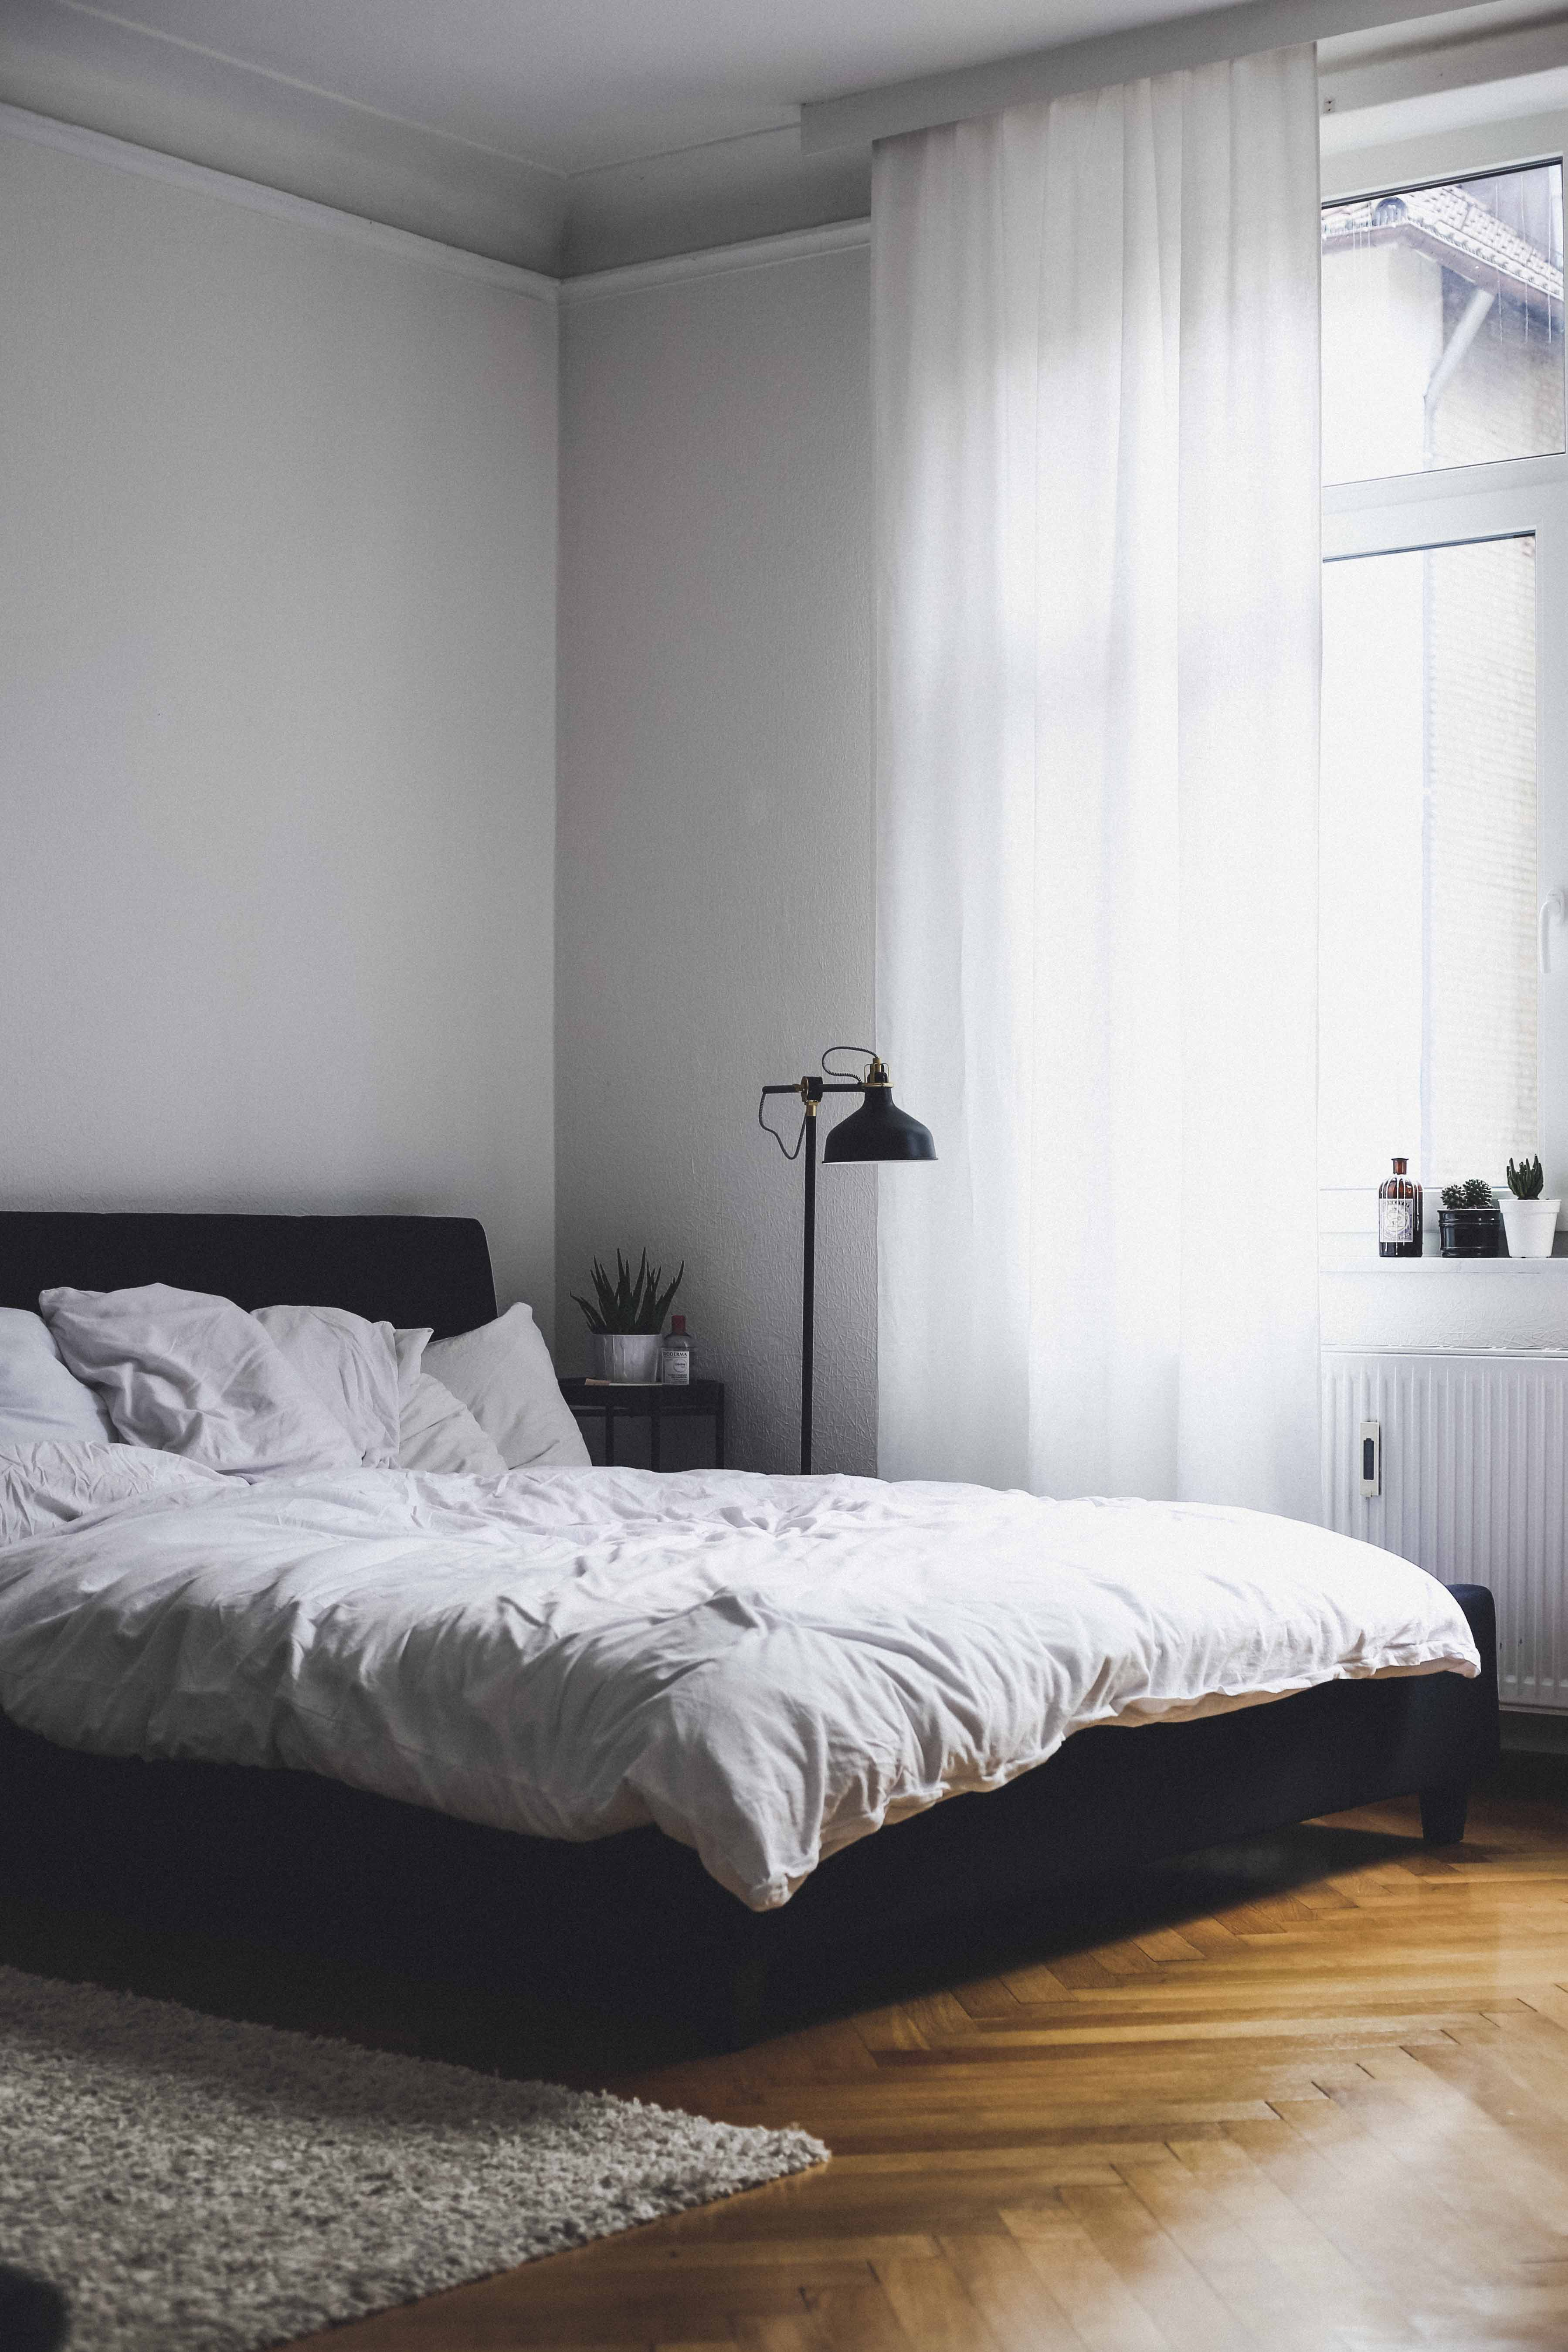 interior schlafzimmer bett lifestyleblog aus stuttgart. Black Bedroom Furniture Sets. Home Design Ideas